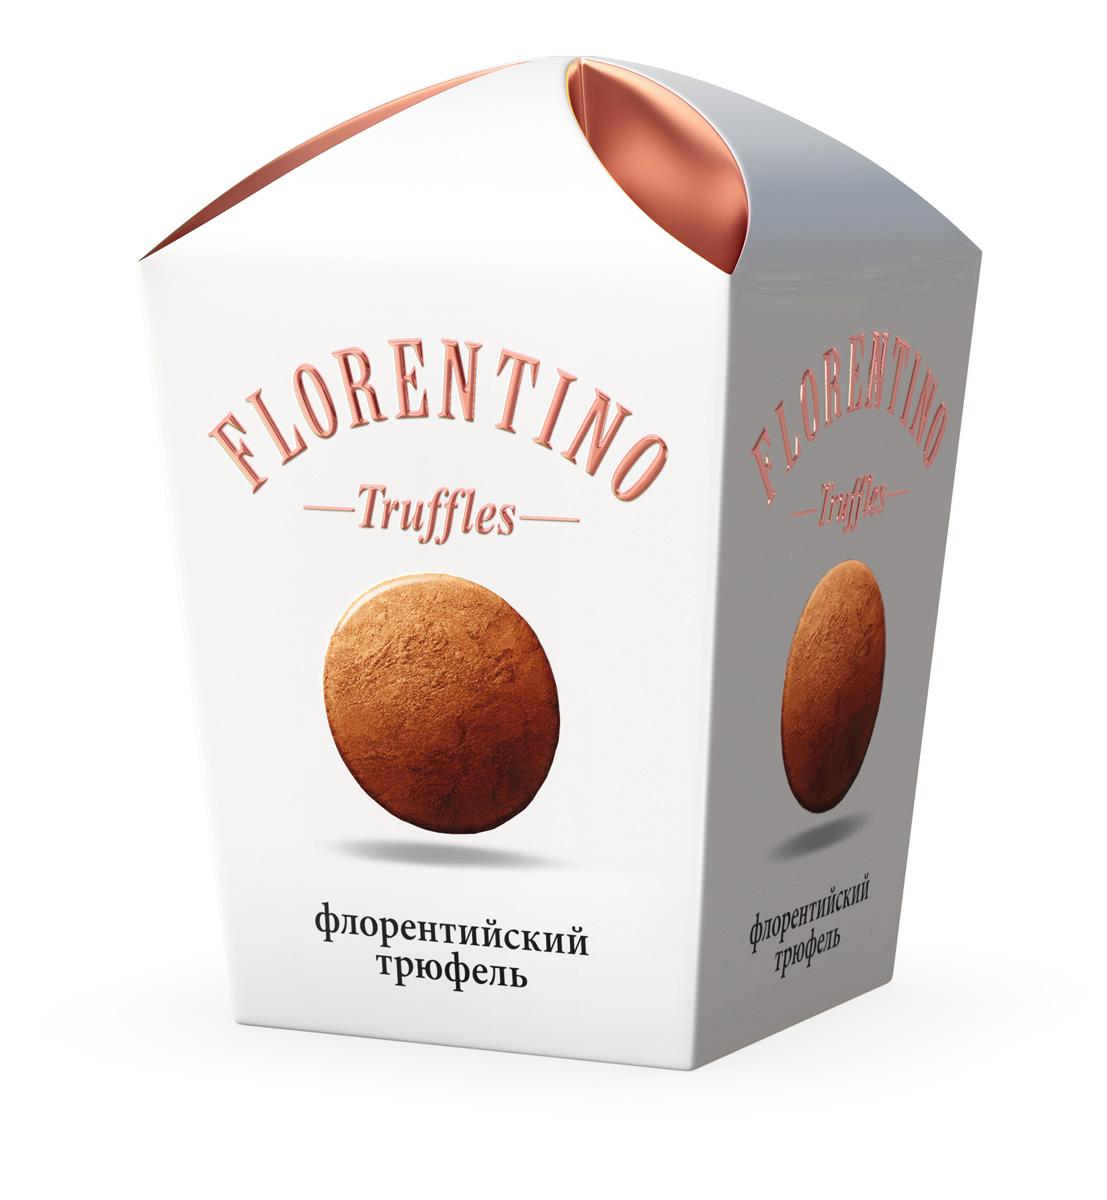 Florentino Флорентийский трюфель конфеты, 175 г16.3752Конфеты Трюфель от BUCHERON приготовлены по рецептуре, ставшей популярной в середине XX века. Благодаря швейцарским технологиям и отборным какао-бобам, собранным на Берегу Слоновой Кости, эти конфеты имеют яркий и утонченный вкус. Попробуйте ароматные, нежные, тающие на языке классические трюфели.